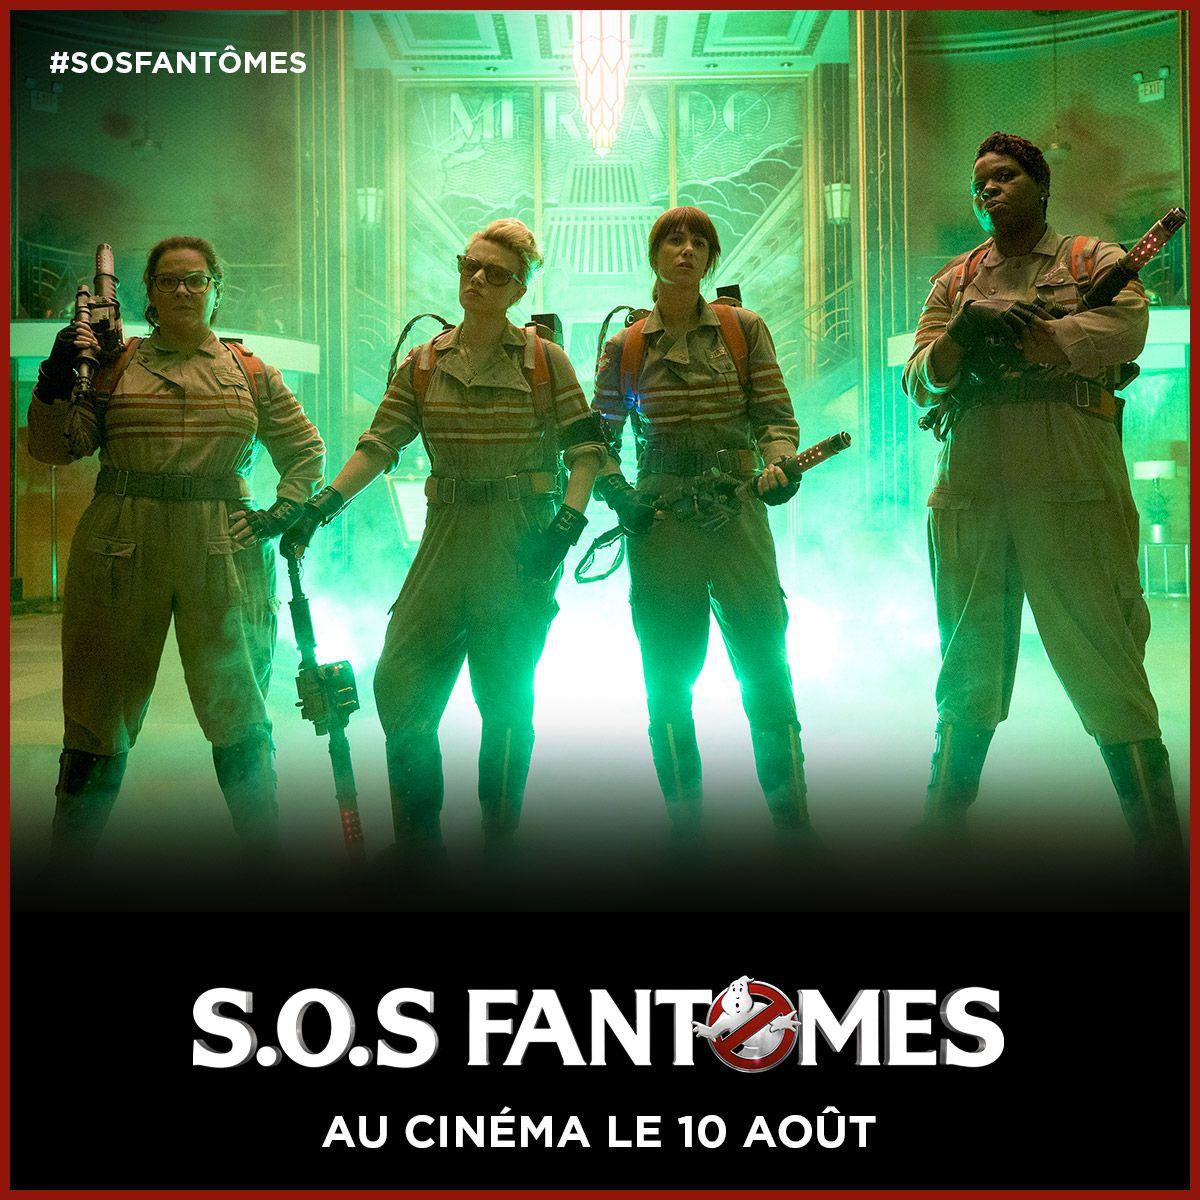 Decouvrez La Nouvelle Equipe De Sos Fantomes Le 10 Aout Au Cinema Sos Fantomes Chris Hemsworth Cinema